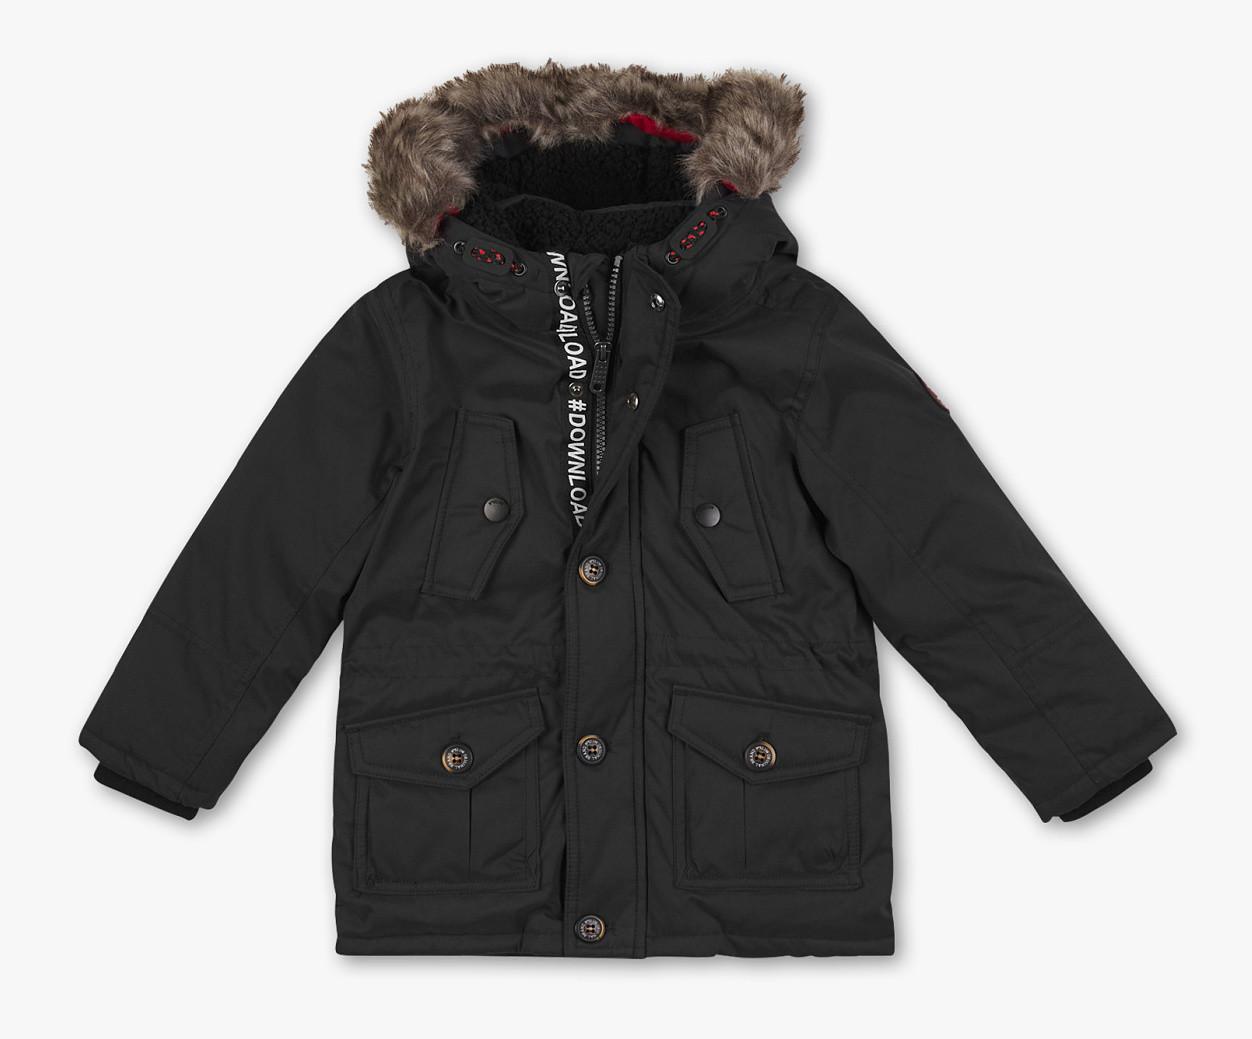 Теплый зимний пуховик с опушкой на мальчика C&A Германия Размер 104, 110, 122, 140